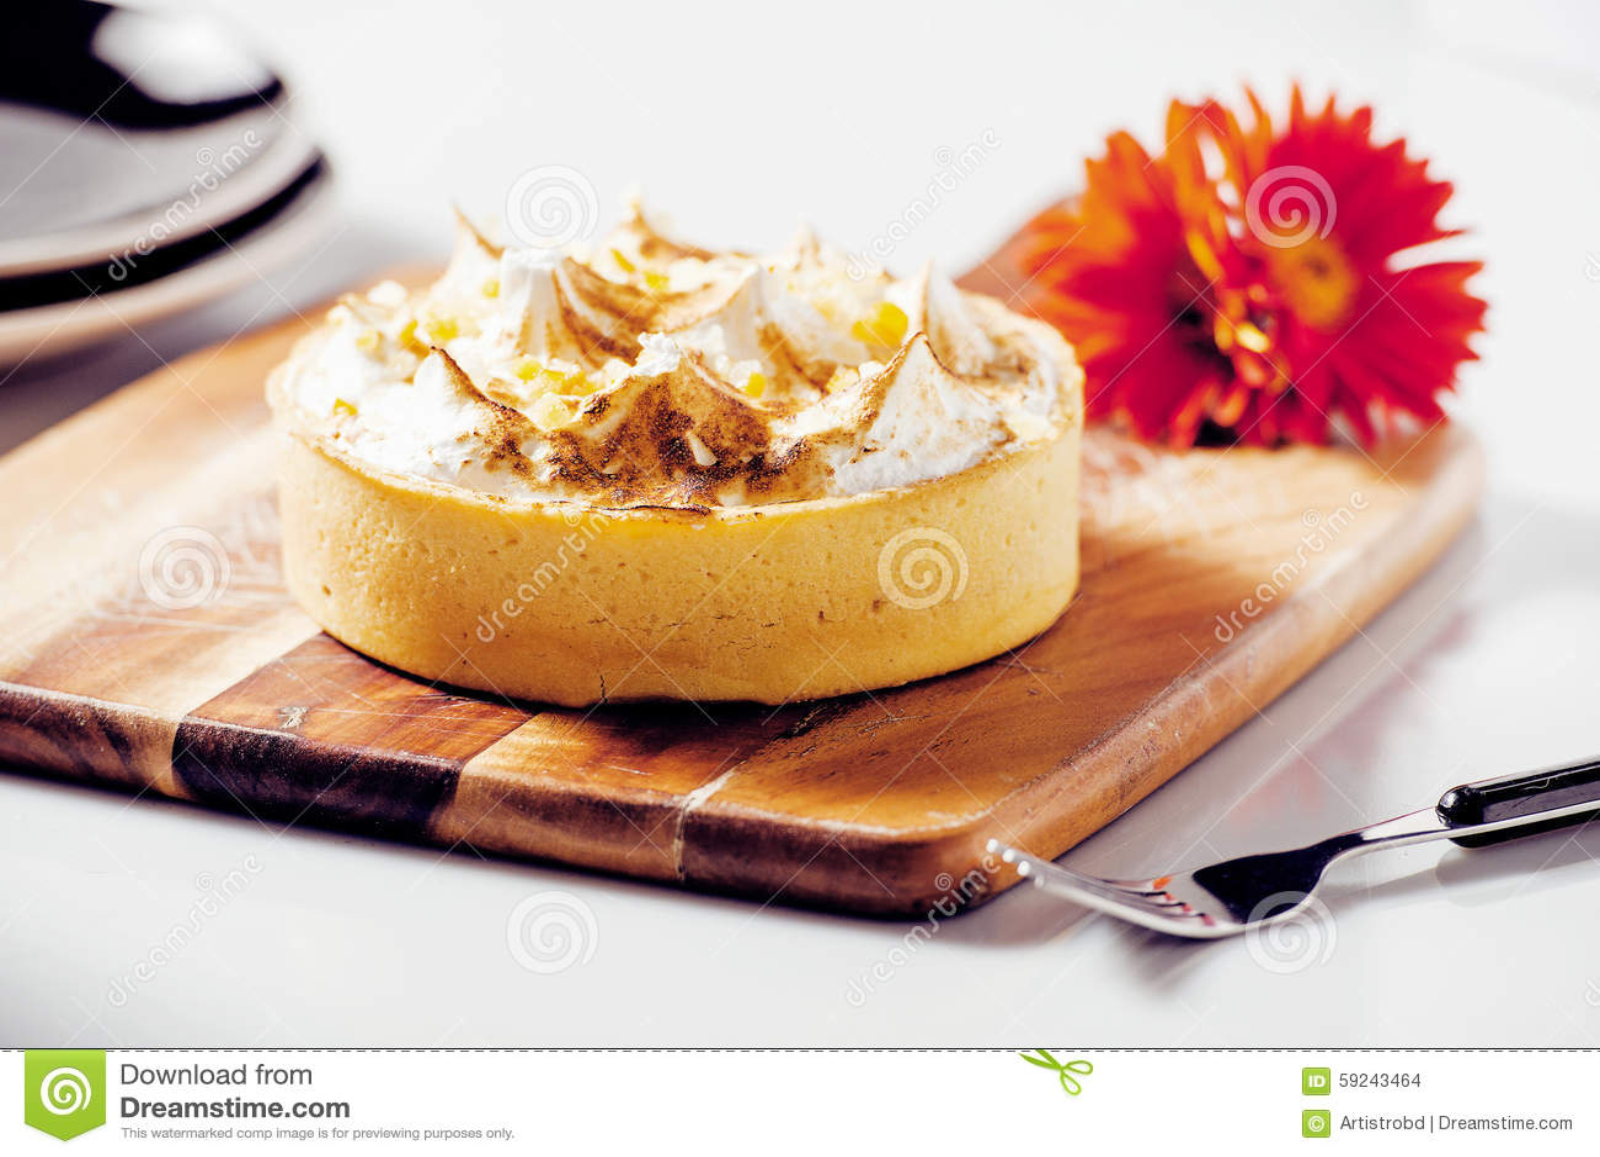 Download Empanada De Merengue De Limón Foto de archivo - Imagen de receta, parte: 59243464